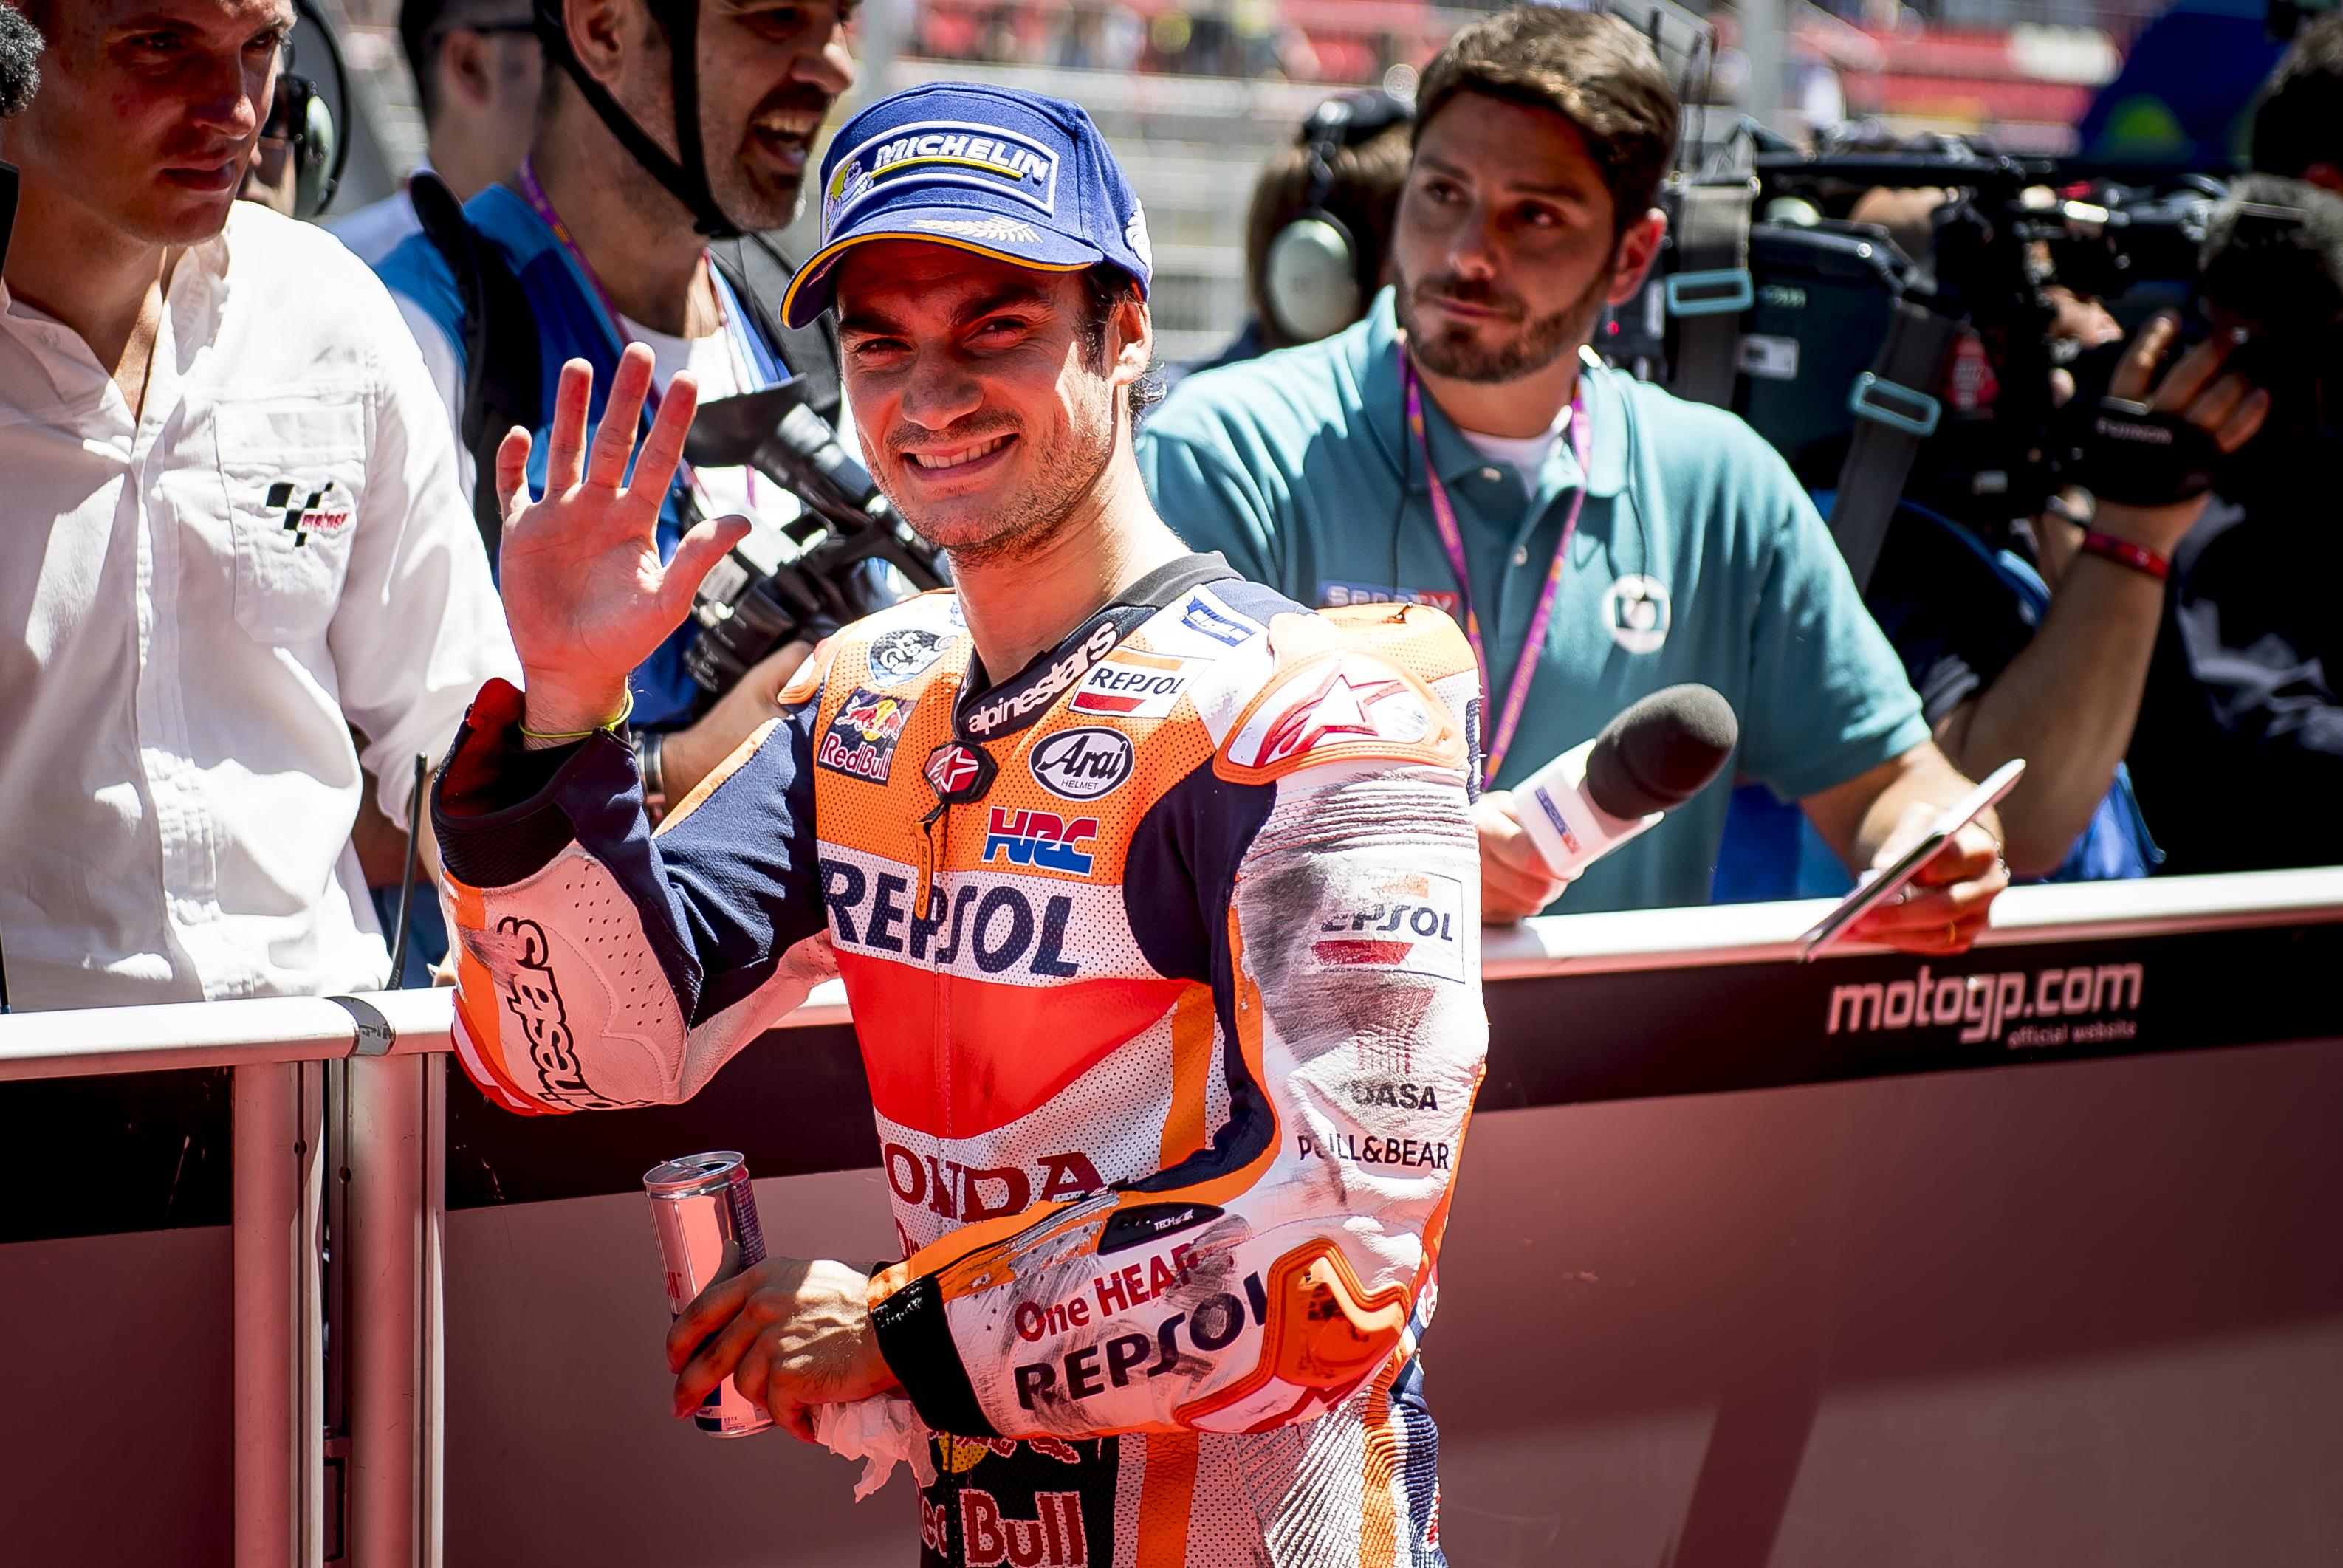 Segunda pole de la temporada para Pedrosa y Lorenzo saldrá segundo